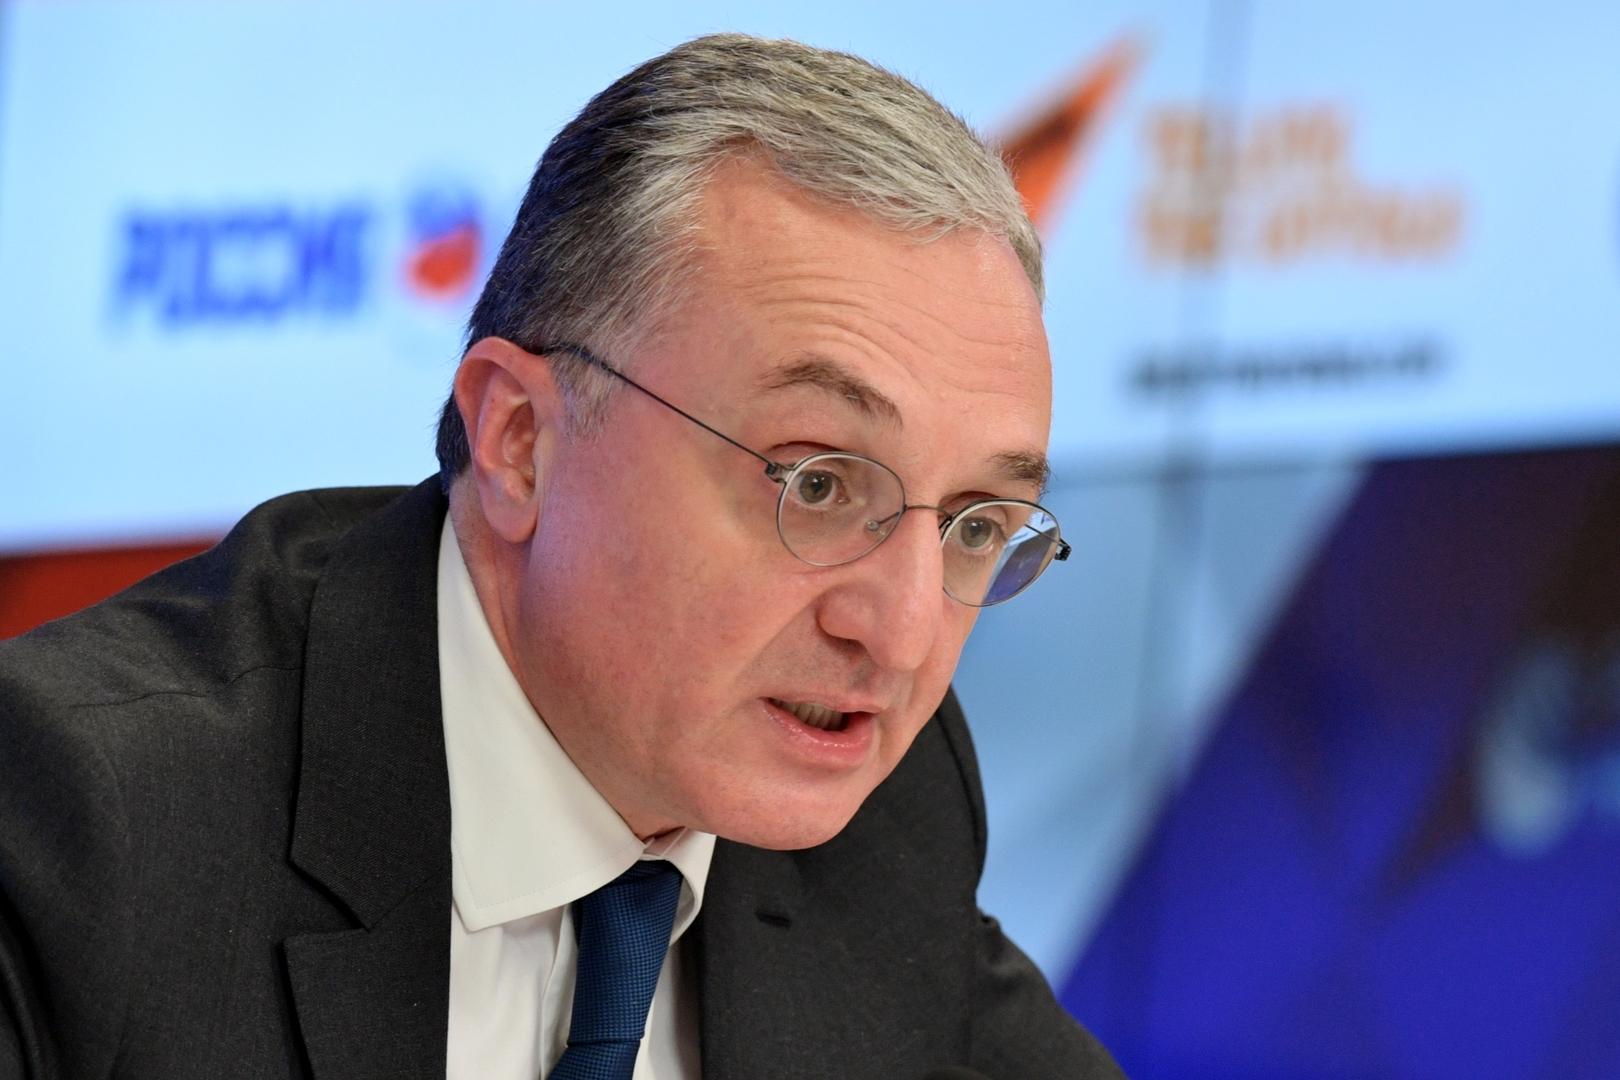 وزير الخارجية الأرمني، زوغراب مناتساكانيان.